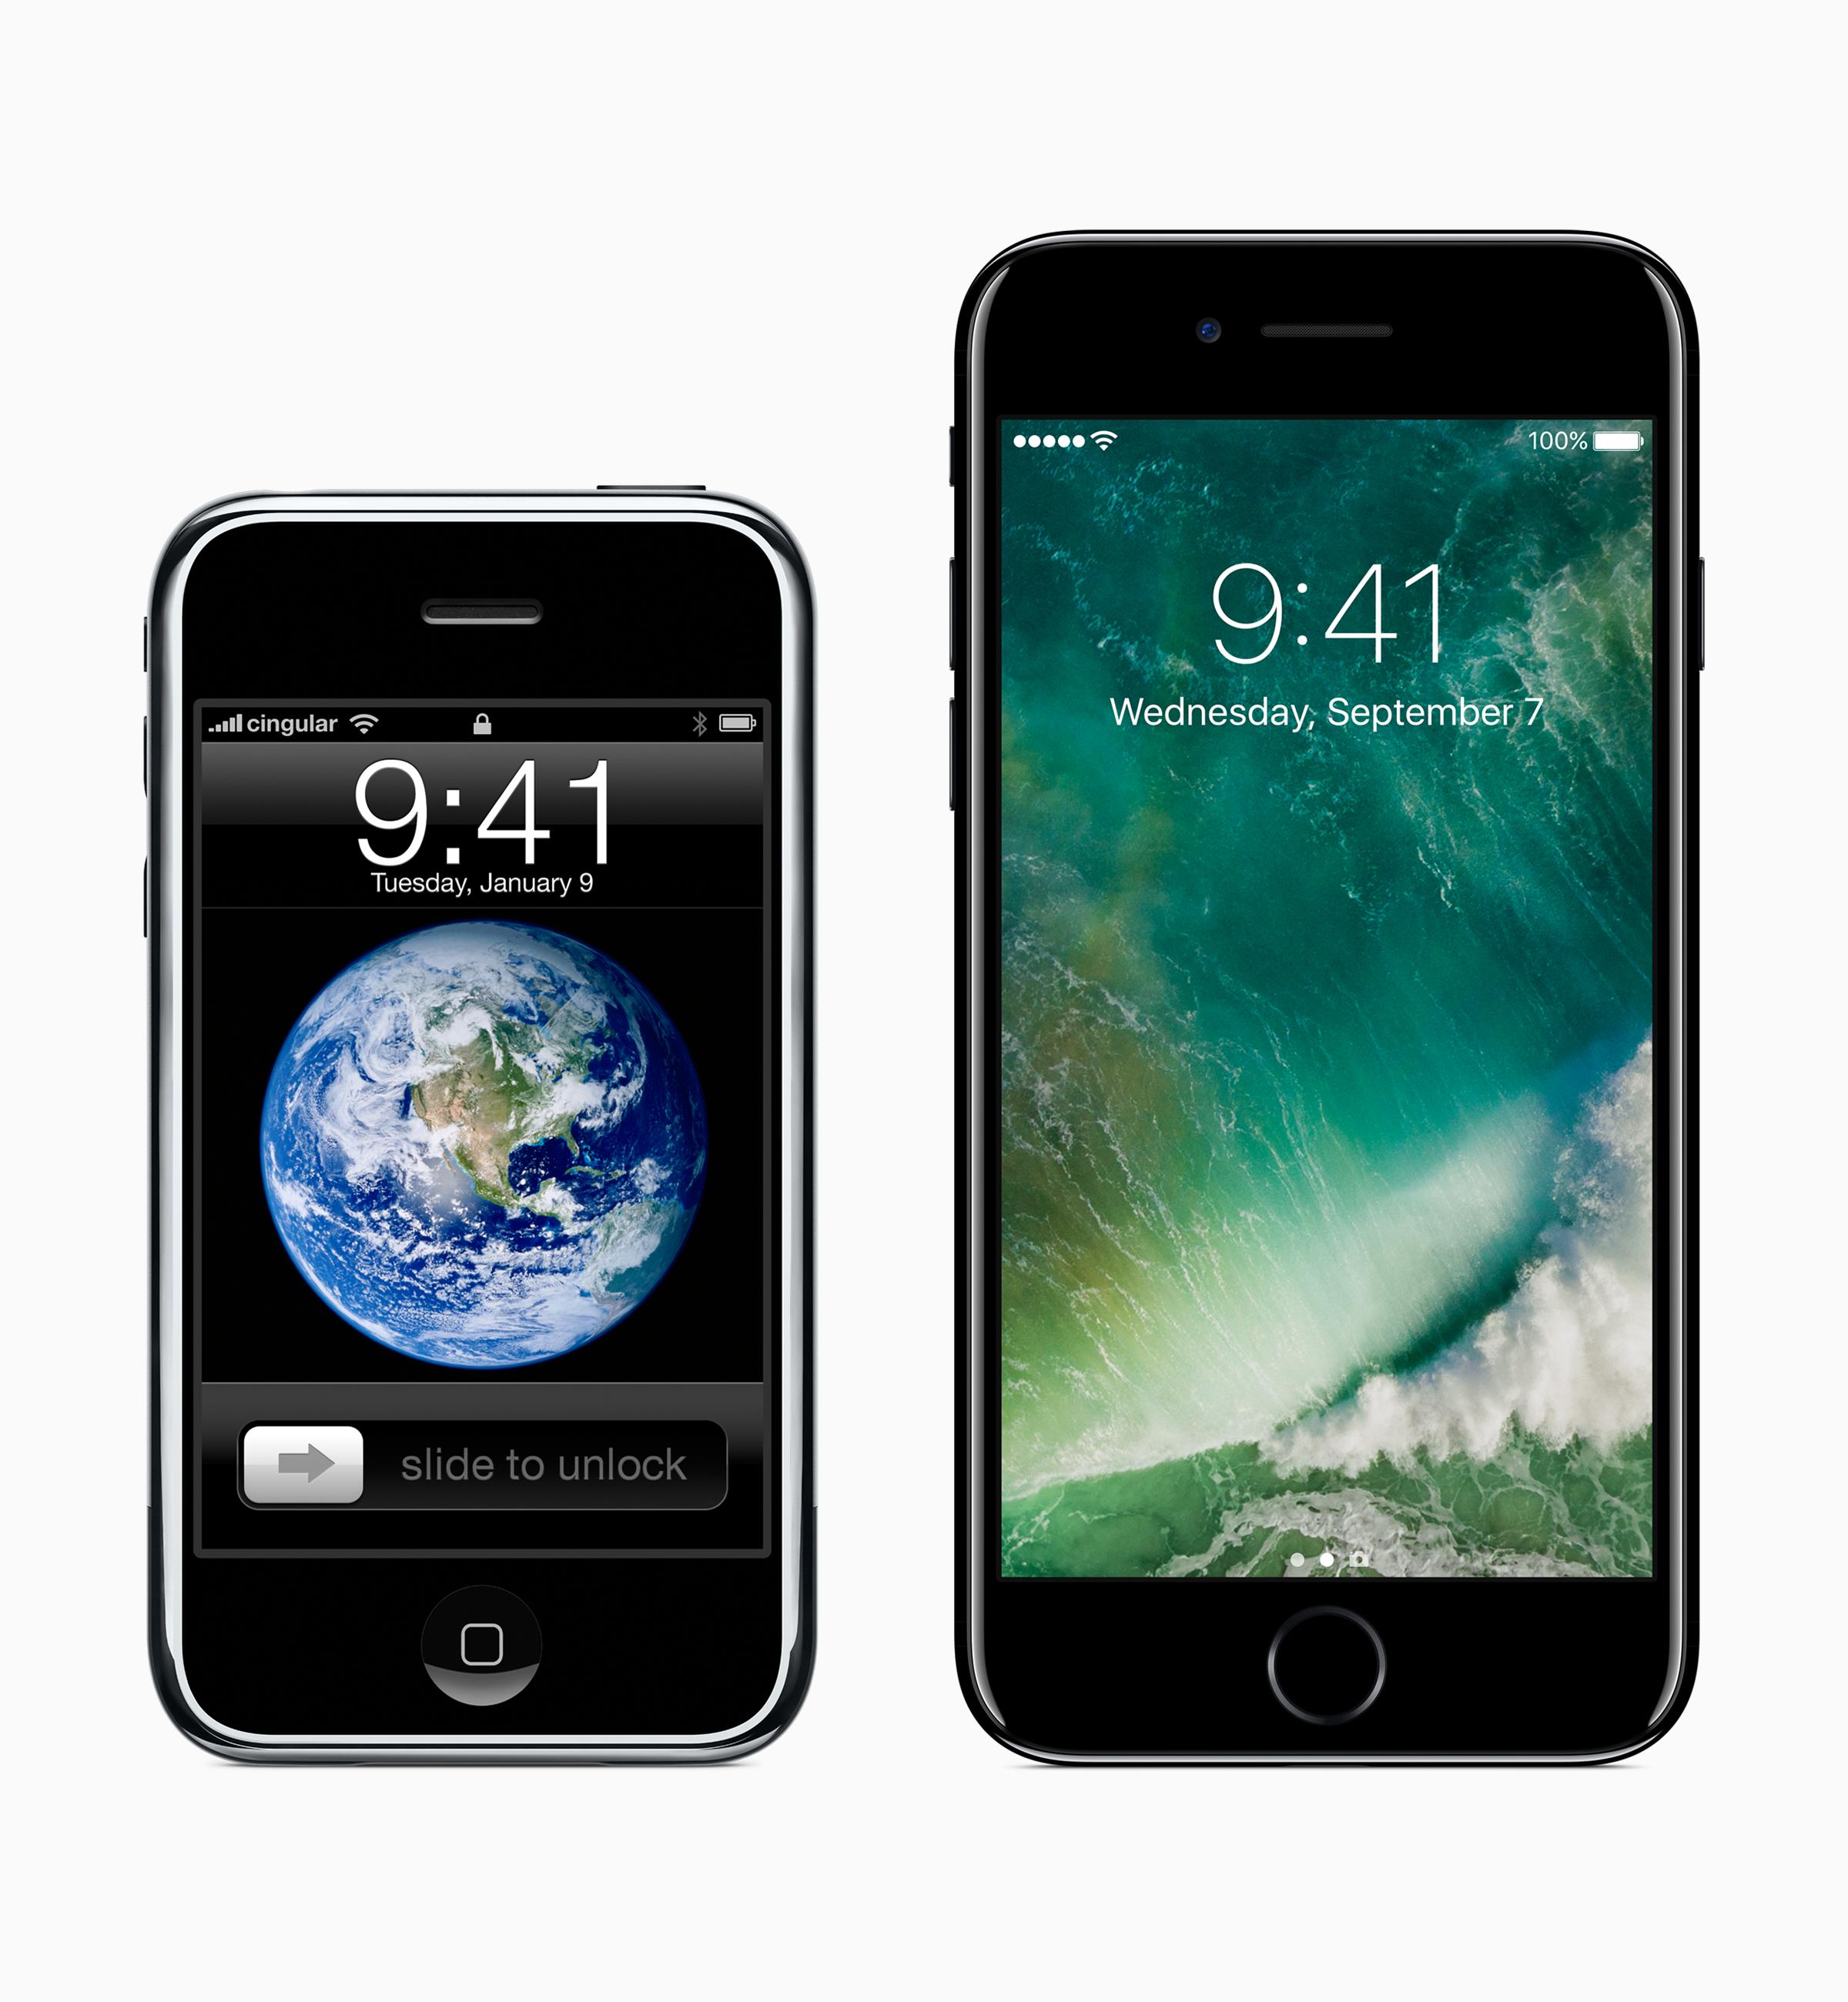 Ensimmäinen iPhone ja uusin iPhone 7.